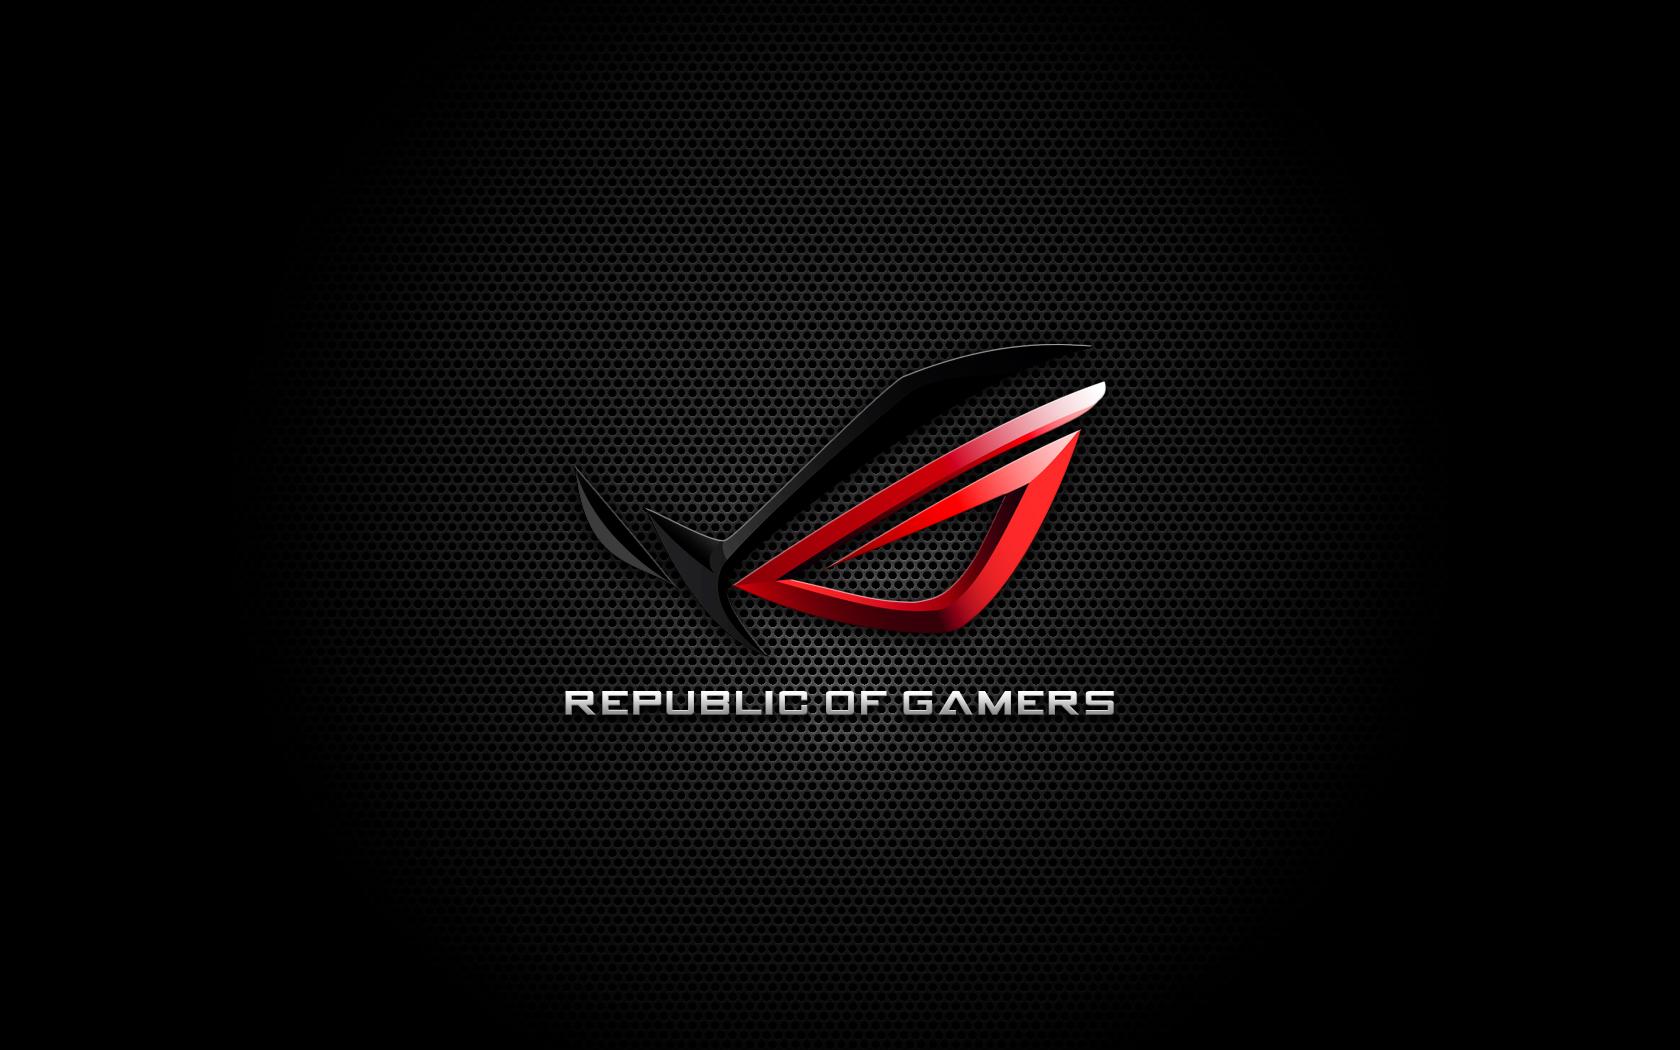 Republic Of Gamers Wallpapers   Taringa 1680x1050